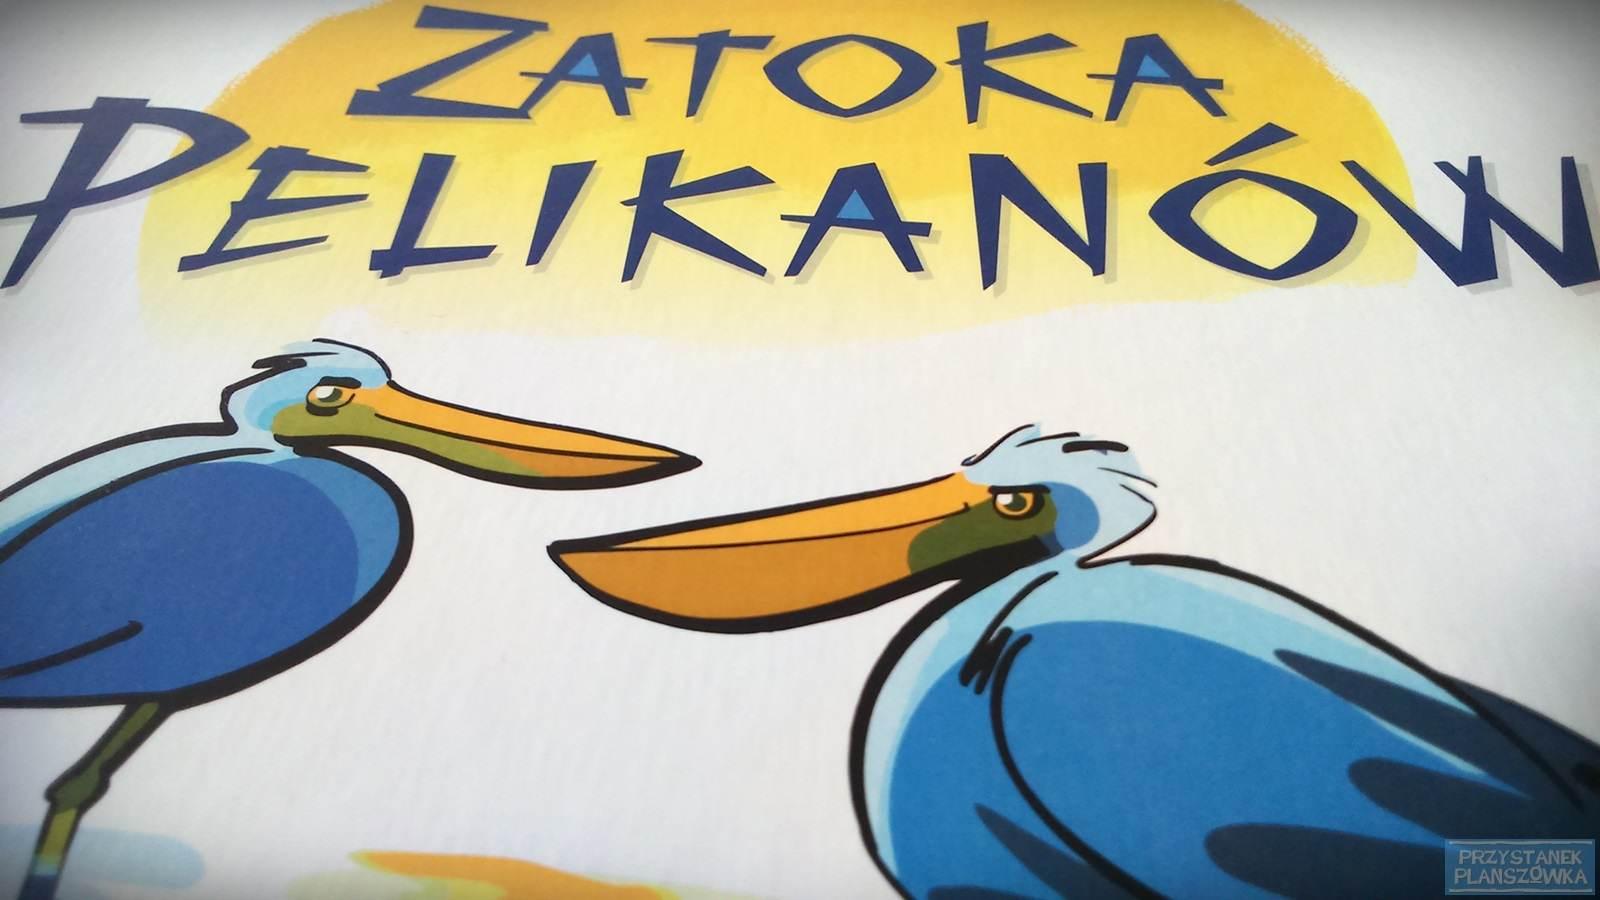 Zatoka Pelikanów / fot. Przystanek Planszówka